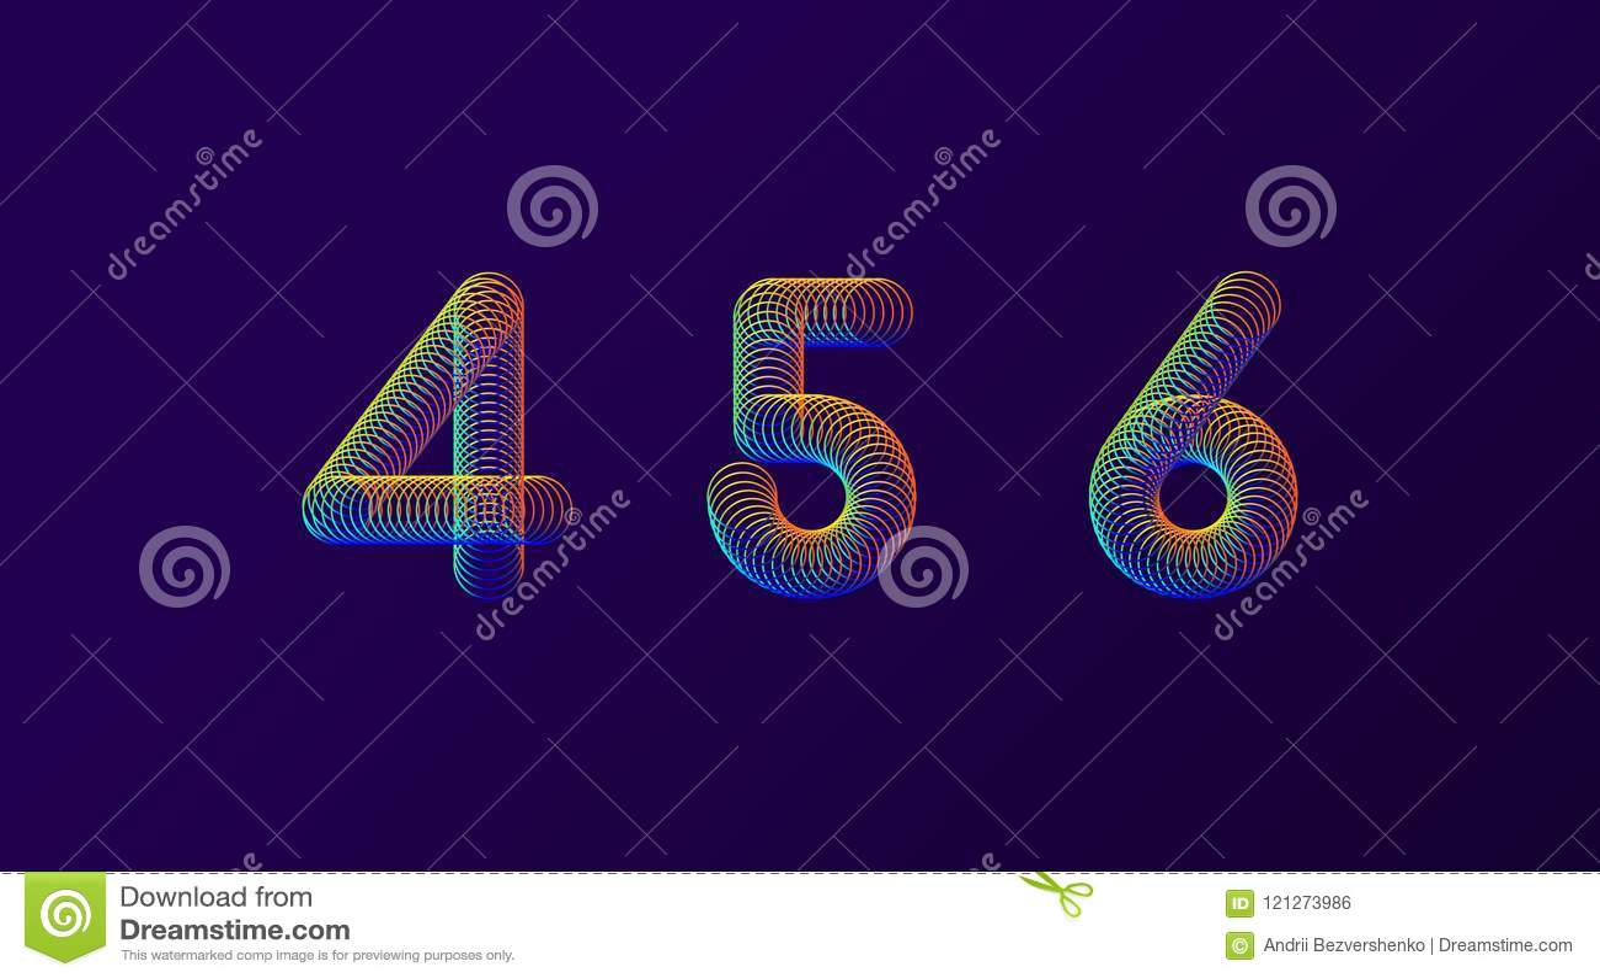 Σύνολο ζωηρόχρωμης σύγχρονης αφηρημένης διανυσματικής απεικόνισης σχεδίου αριθμών δημιουργικής 4 5 6 ψηφία άνοιξη νέου ουράνιων τ